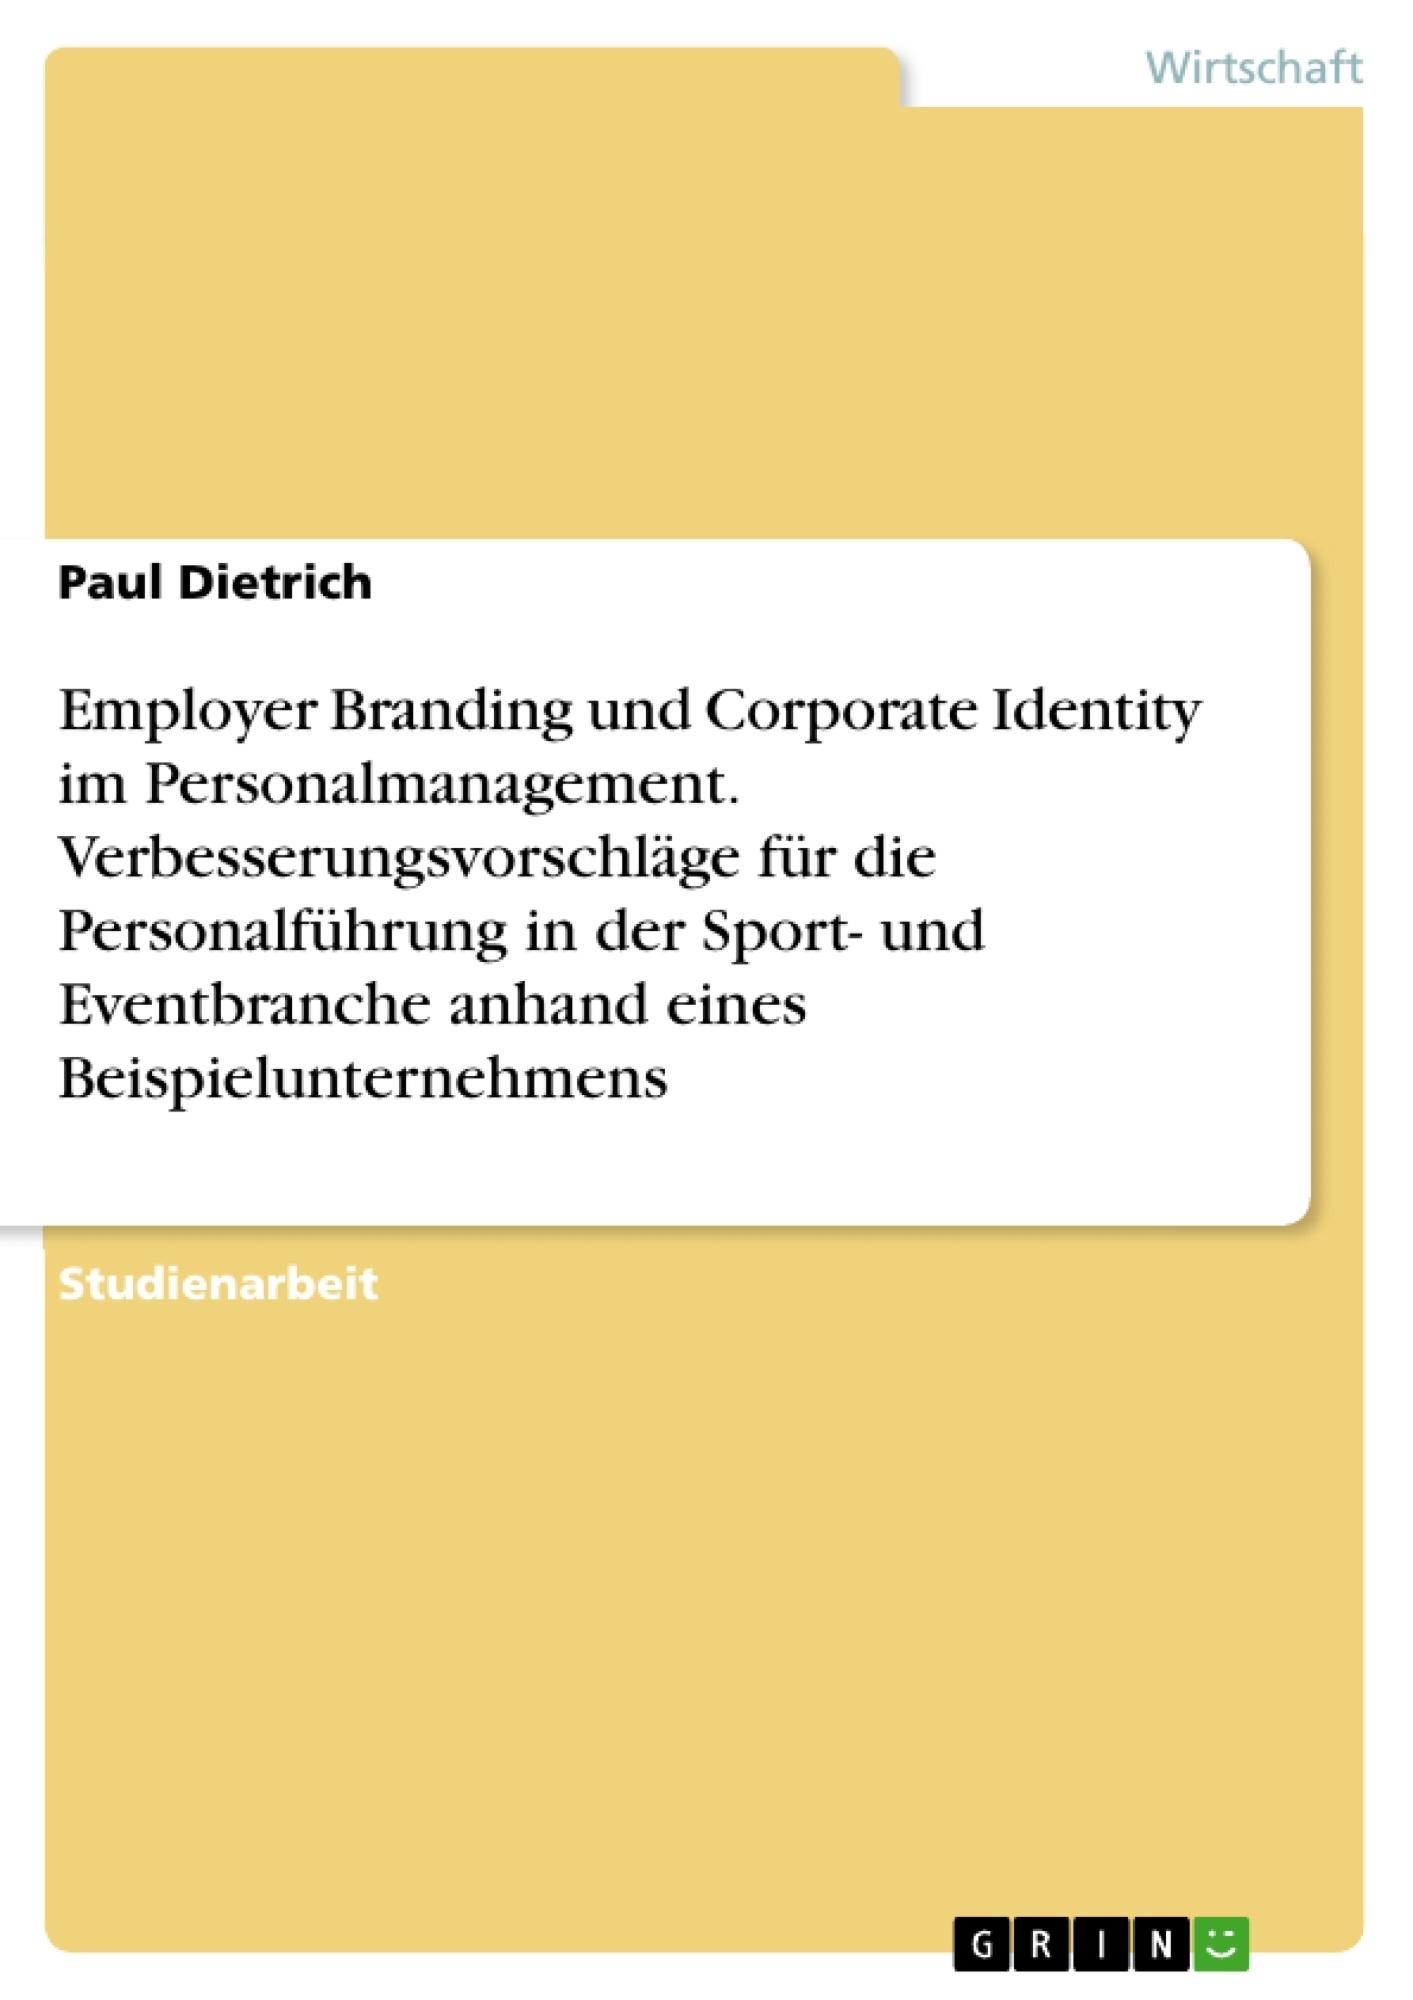 Titel: Employer Branding und Corporate Identity im Personalmanagement. Verbesserungsvorschläge für die Personalführung in der Sport- und Eventbranche anhand eines Beispielunternehmens